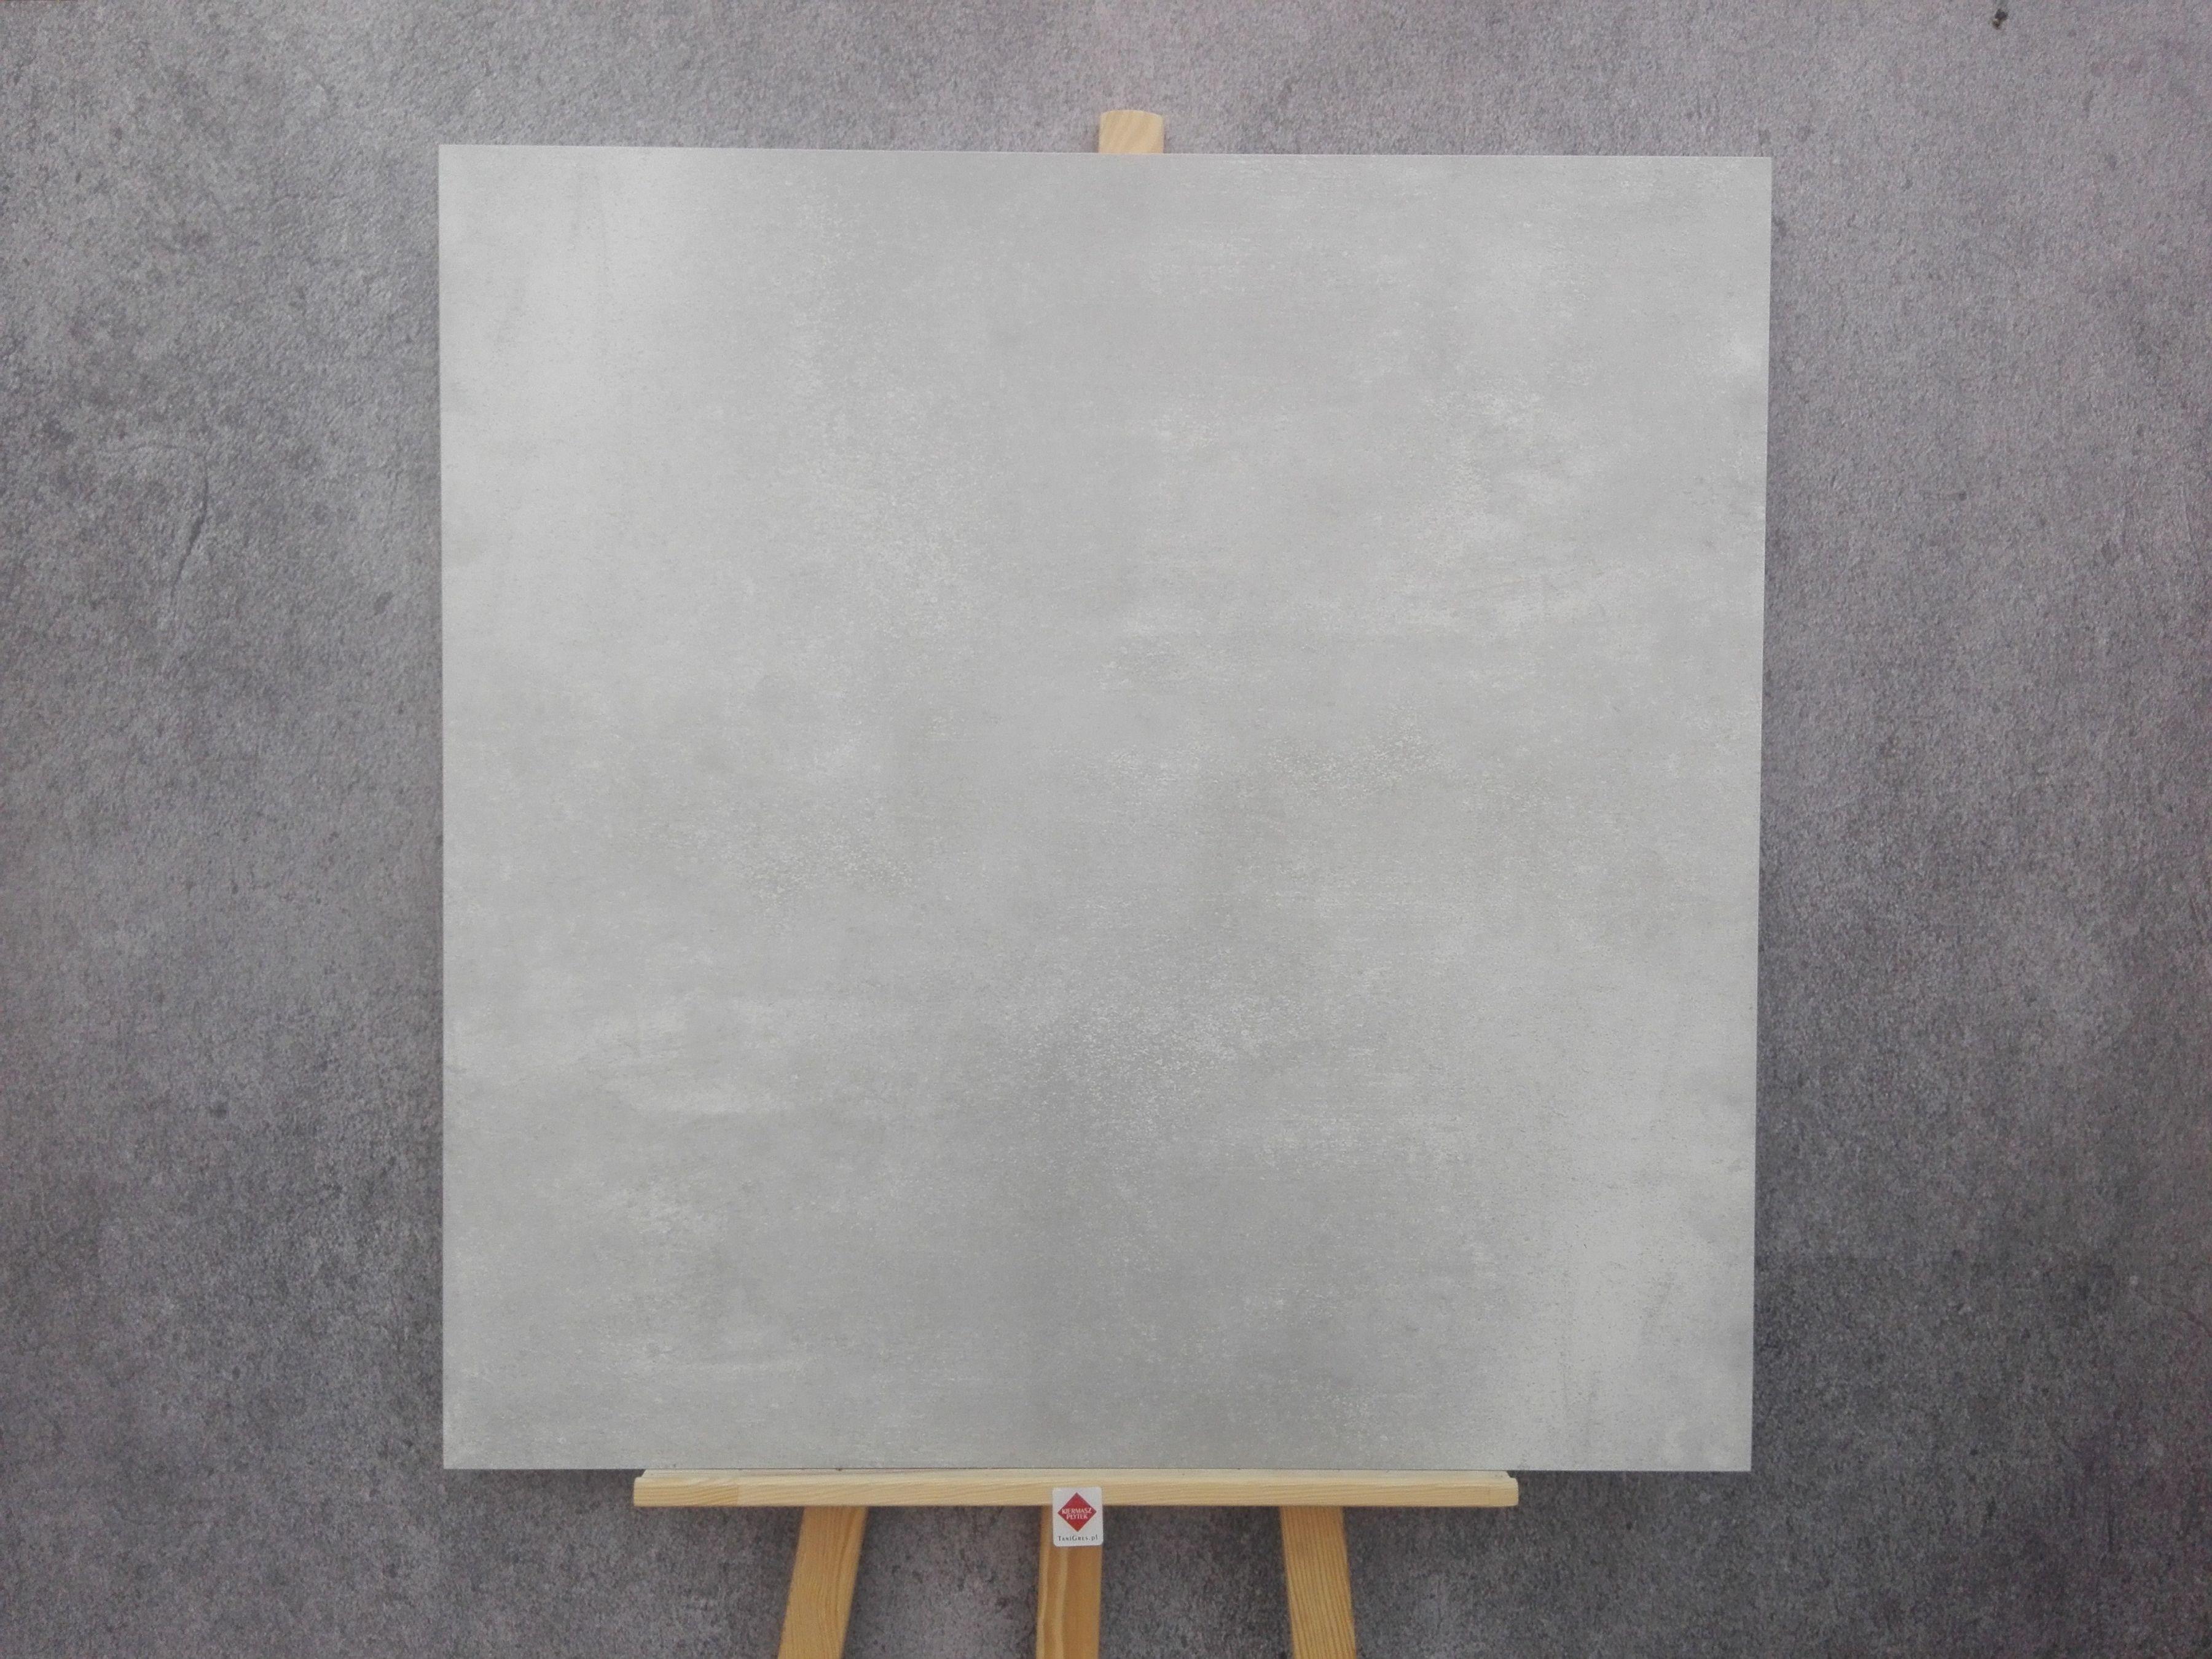 Gres Sepia 79,7 x 79,7 cm grigio 1,27 m2